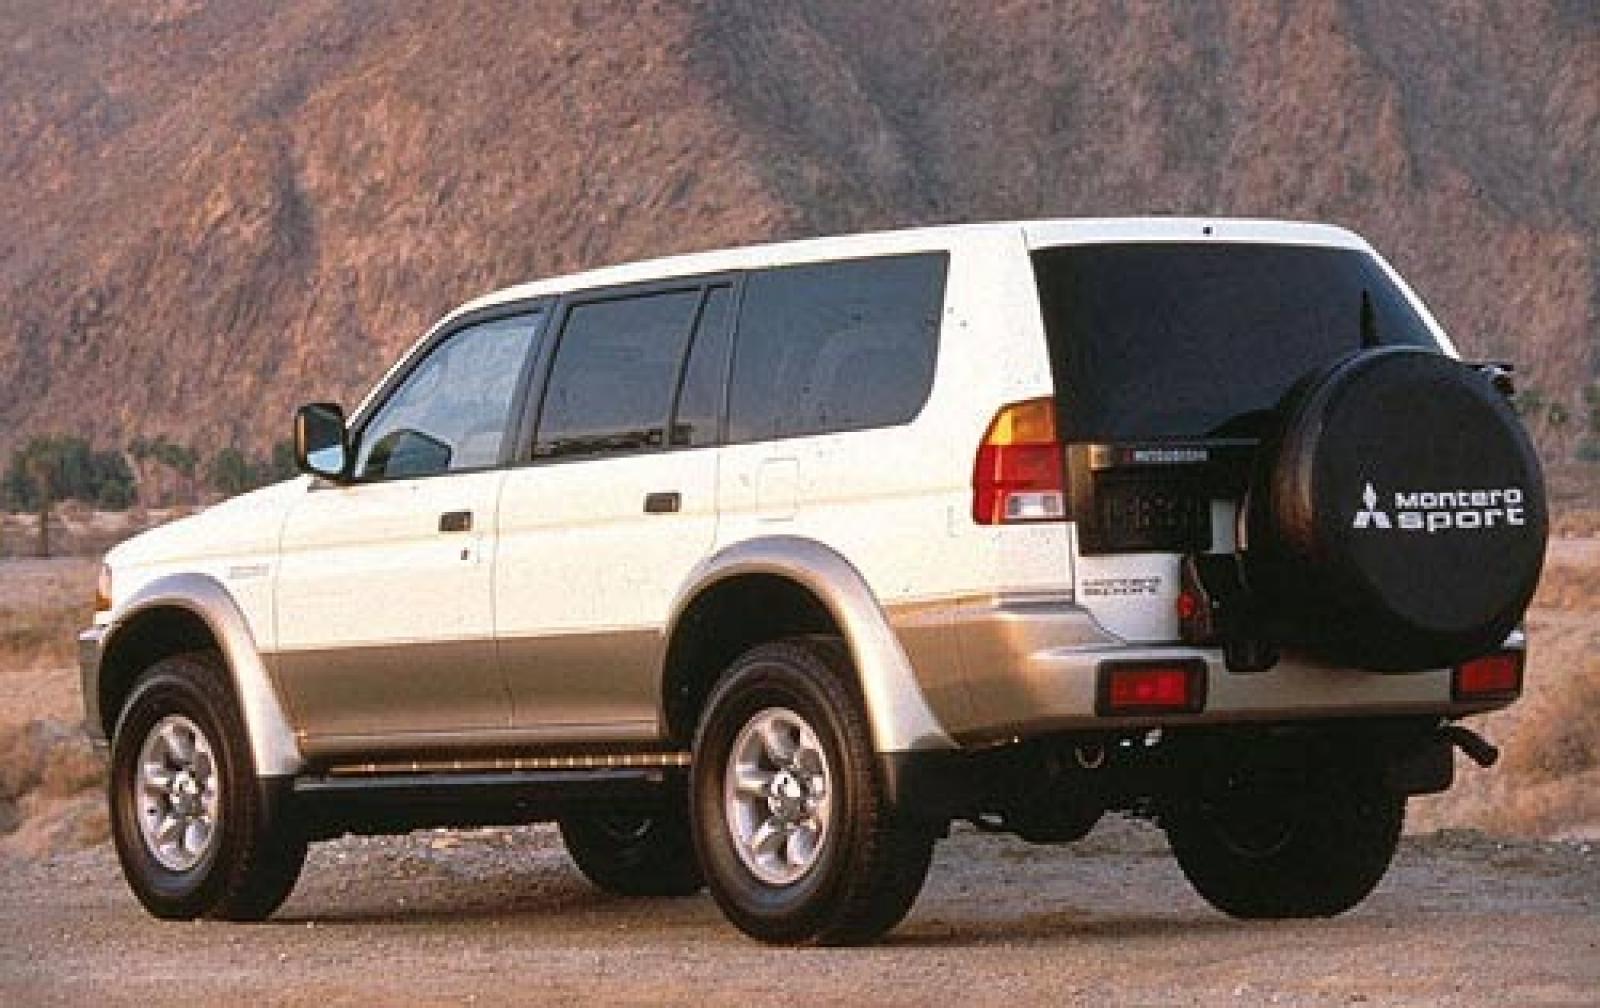 1999 mitsubishi montero sport 7 1998 mitsubishi montero s exterior 7 800 1024 1280 1600 origin